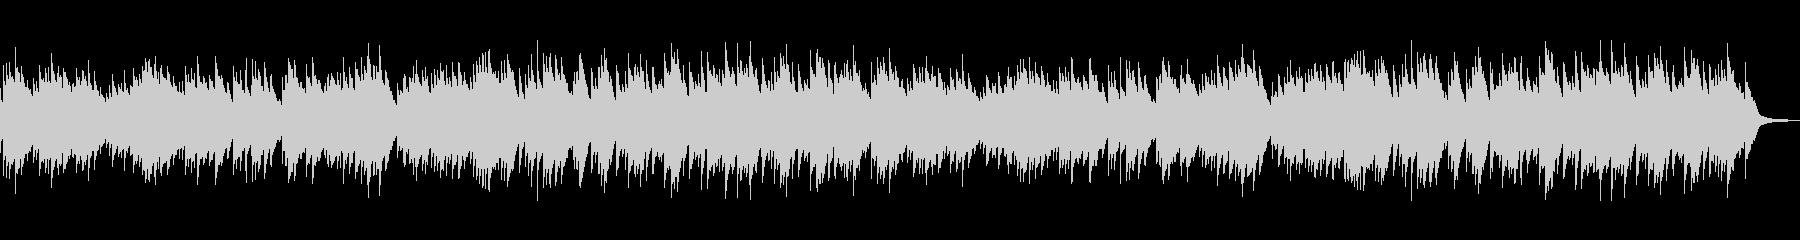 ワルツ、上品、ベル、日常、可愛いBGM2の未再生の波形